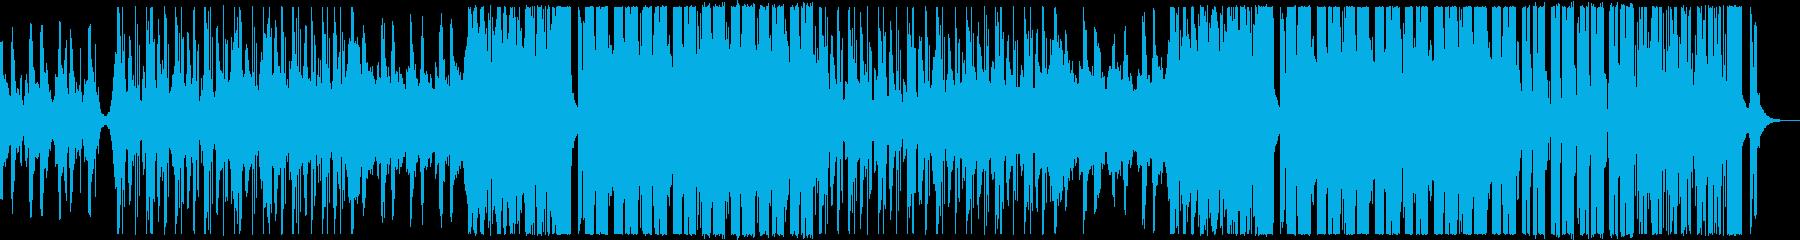 感傷的で浮遊するフューチャーポップ。の再生済みの波形